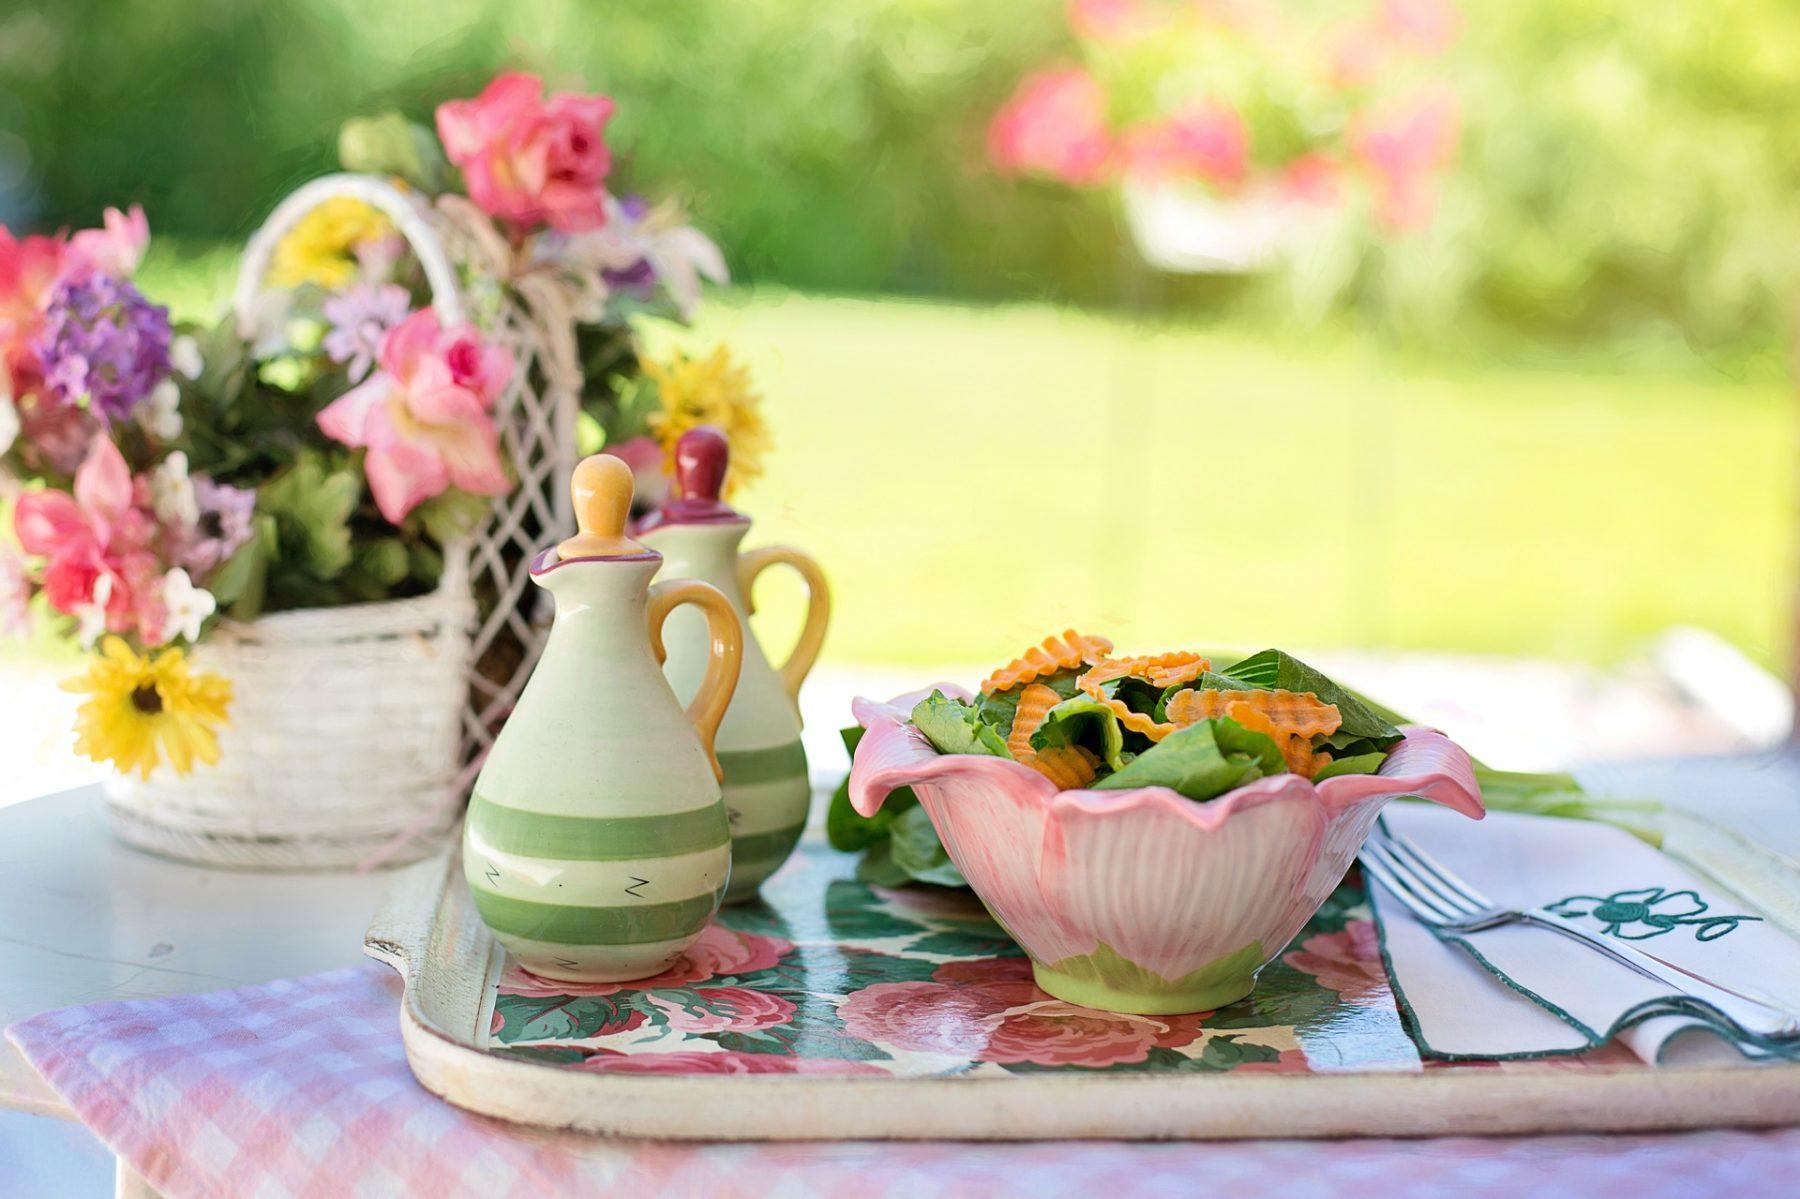 Salat mit Essig- und Ölflasche